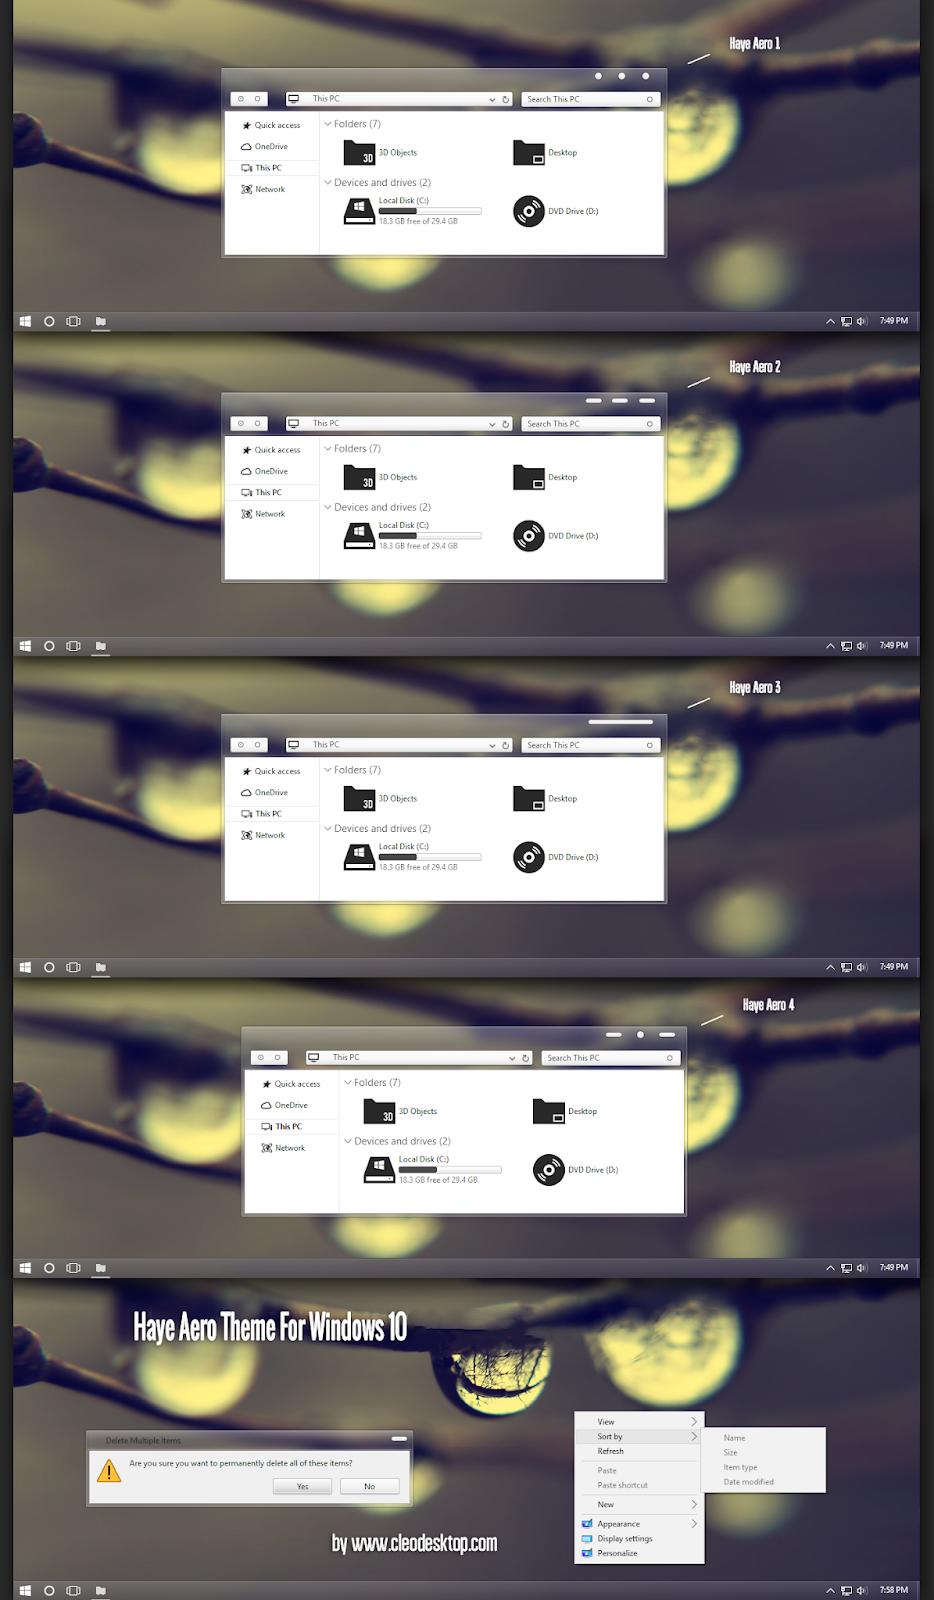 Haye Aero Theme Windows10 November 2019 Update 1909